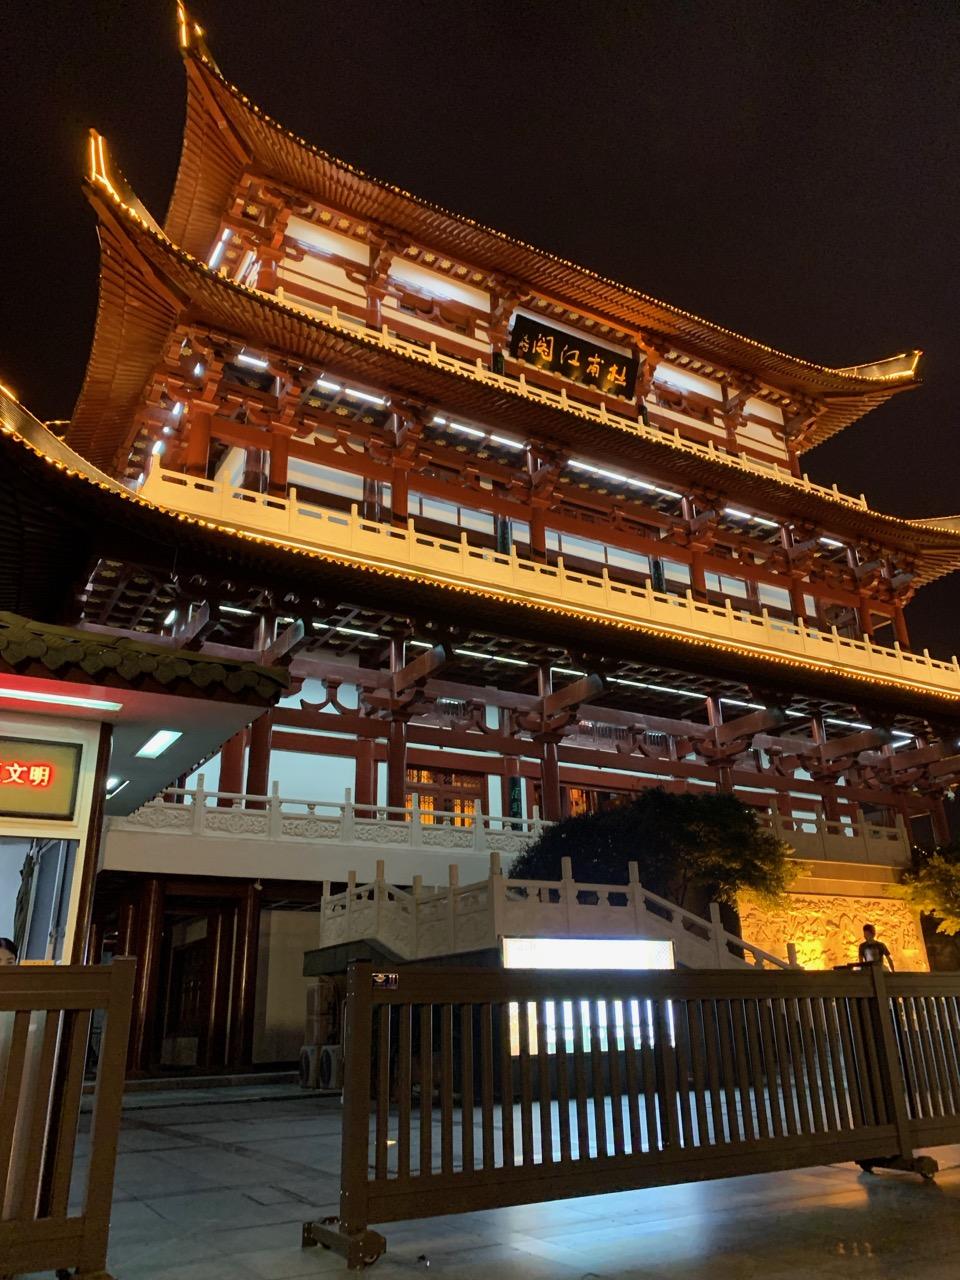 杜甫江阁 The Dufu Pavilion on the Changsha riverside